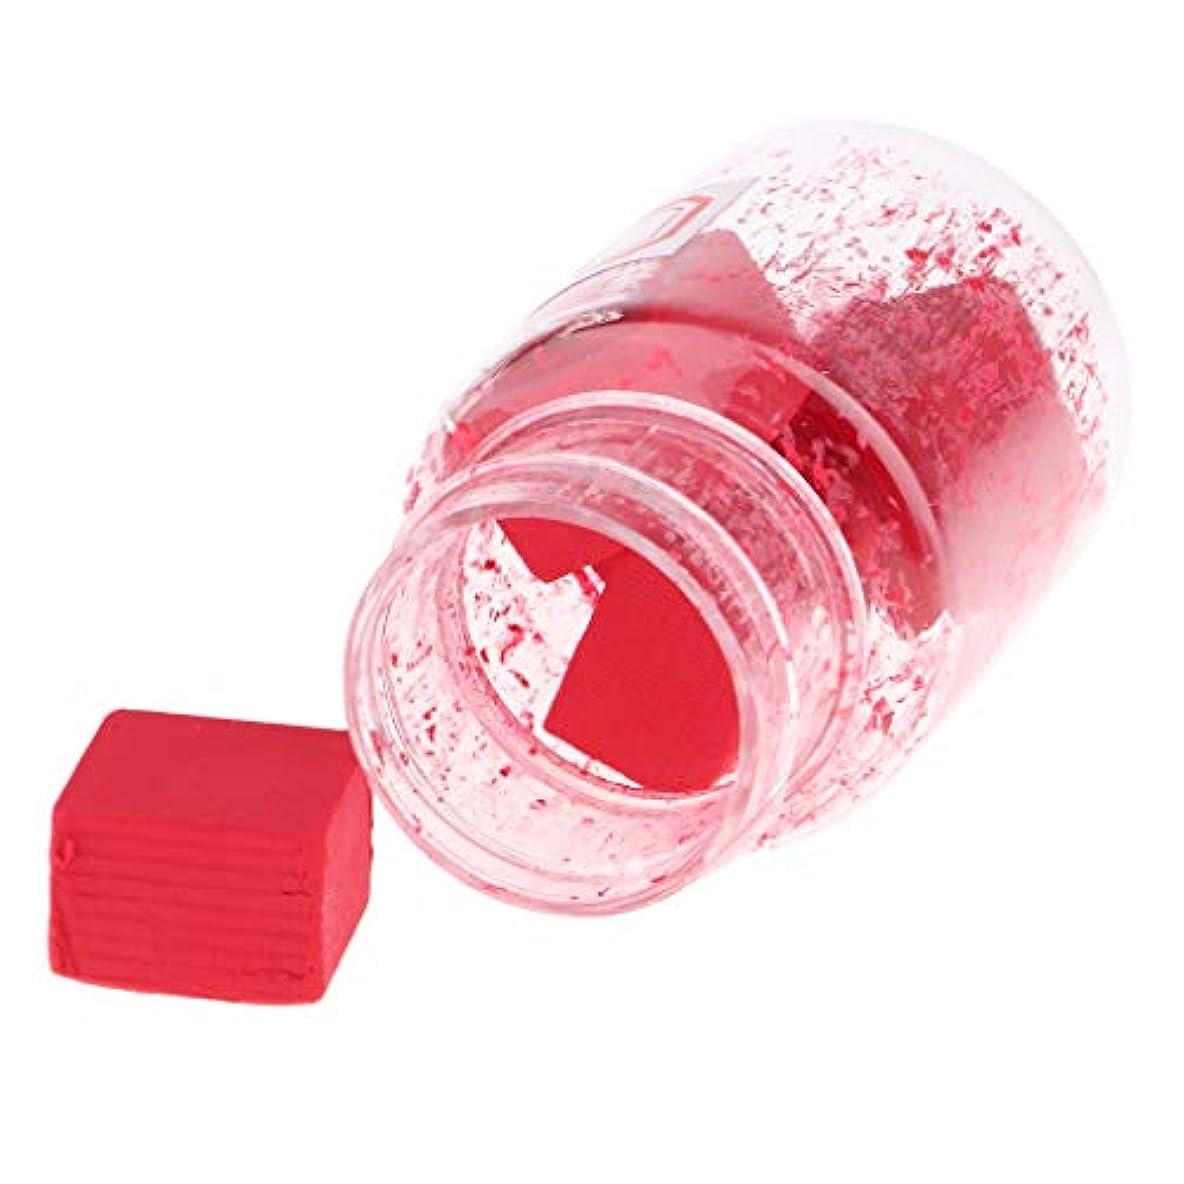 魚スペル城Perfeclan 口紅作り DIY リップスティック原料 赤面原料 無ワックス 無粉砕 無飛翔粉末 9色選択でき - B